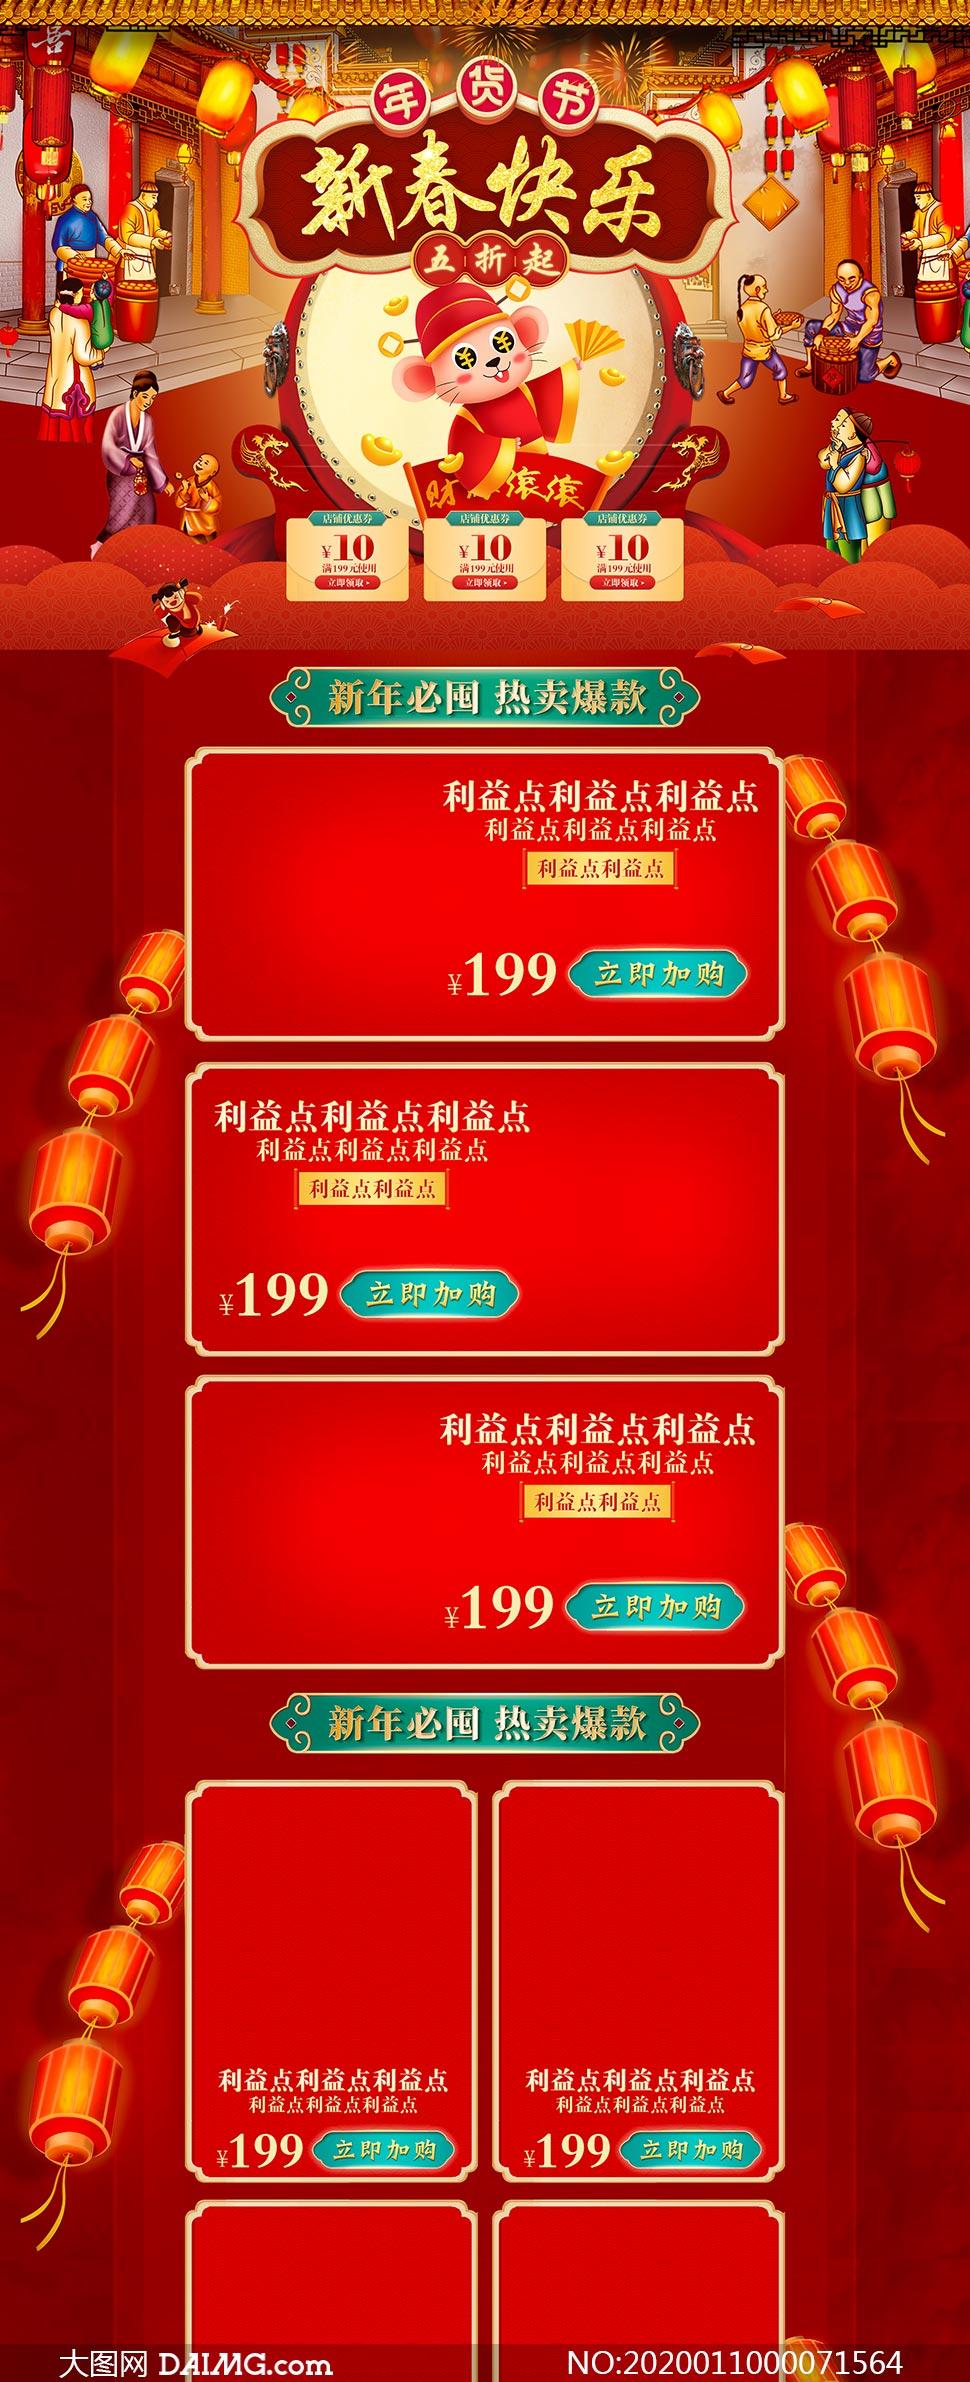 天猫新春年货节首页设计模板PSD素材